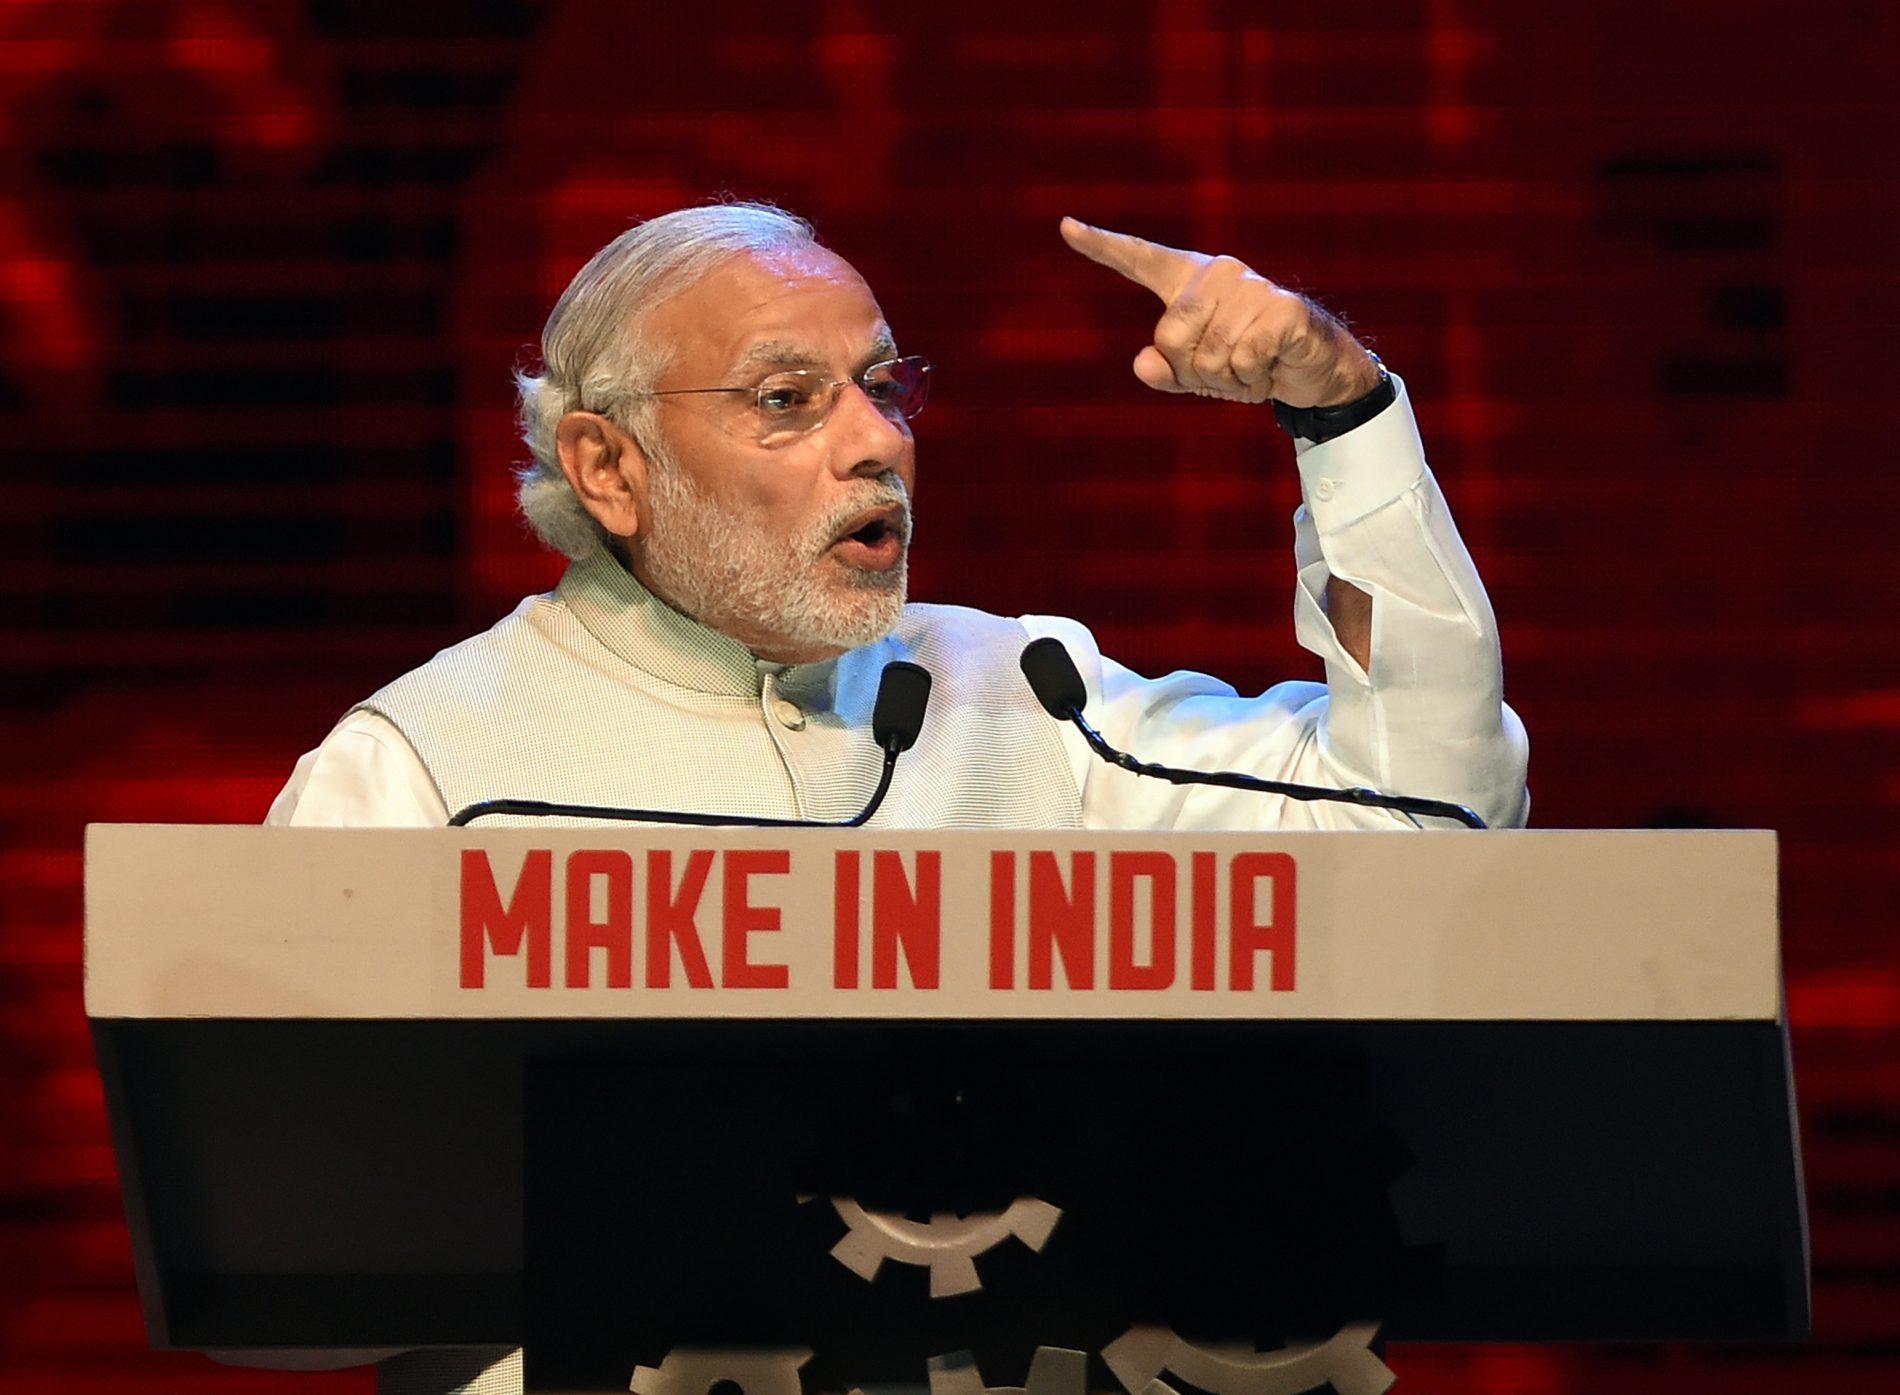 """Le Premier ministre indien Narendra Modi lors de la cérémonie d'inauguration de la première semaine du """"Make in India Week"""" à Mumbai, le 13 février 2016. (Crédits : AFP PHOTO / PUNIT PARANJPE)"""